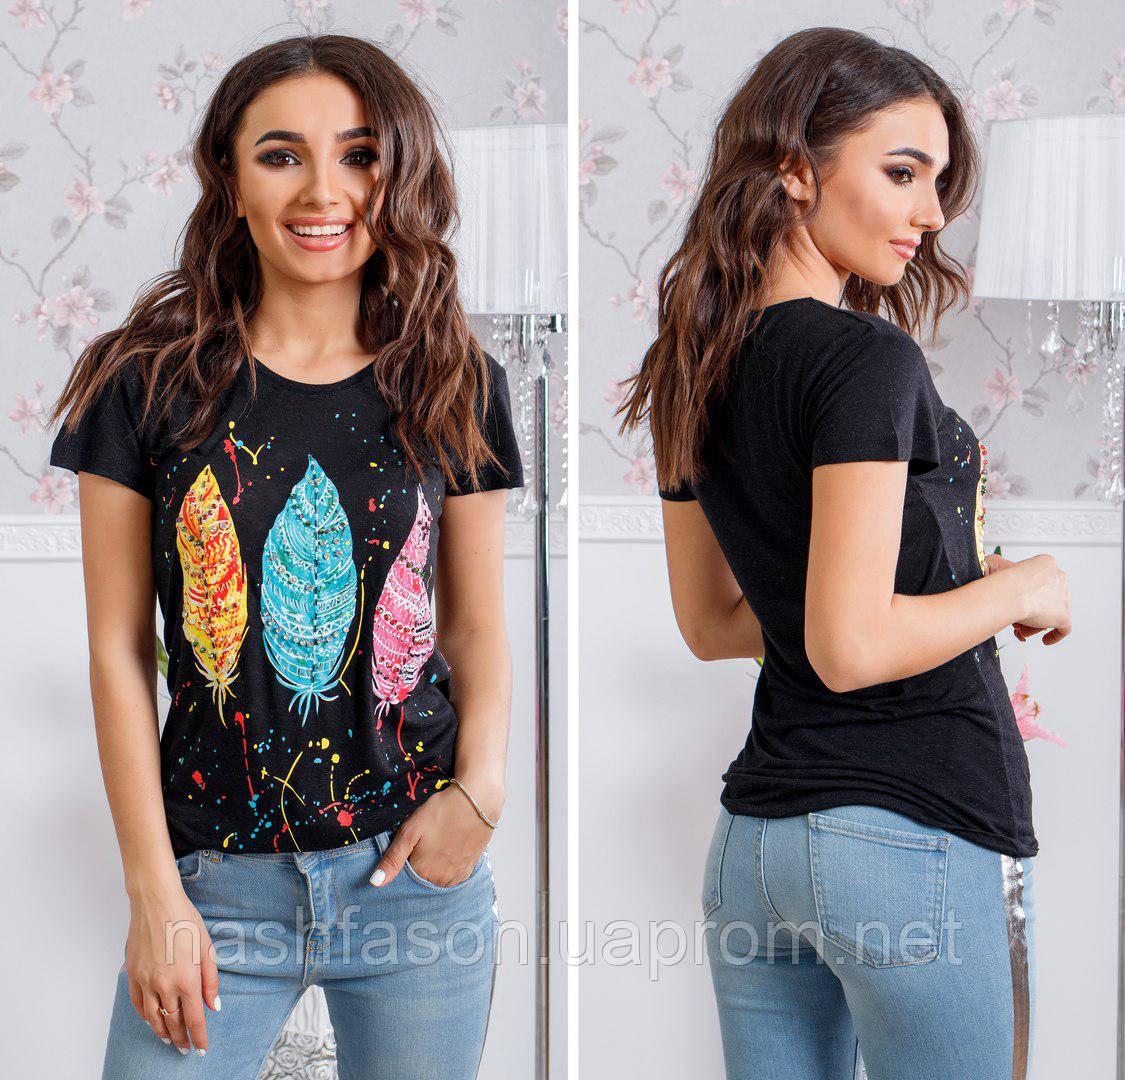 Женская футболка, 141